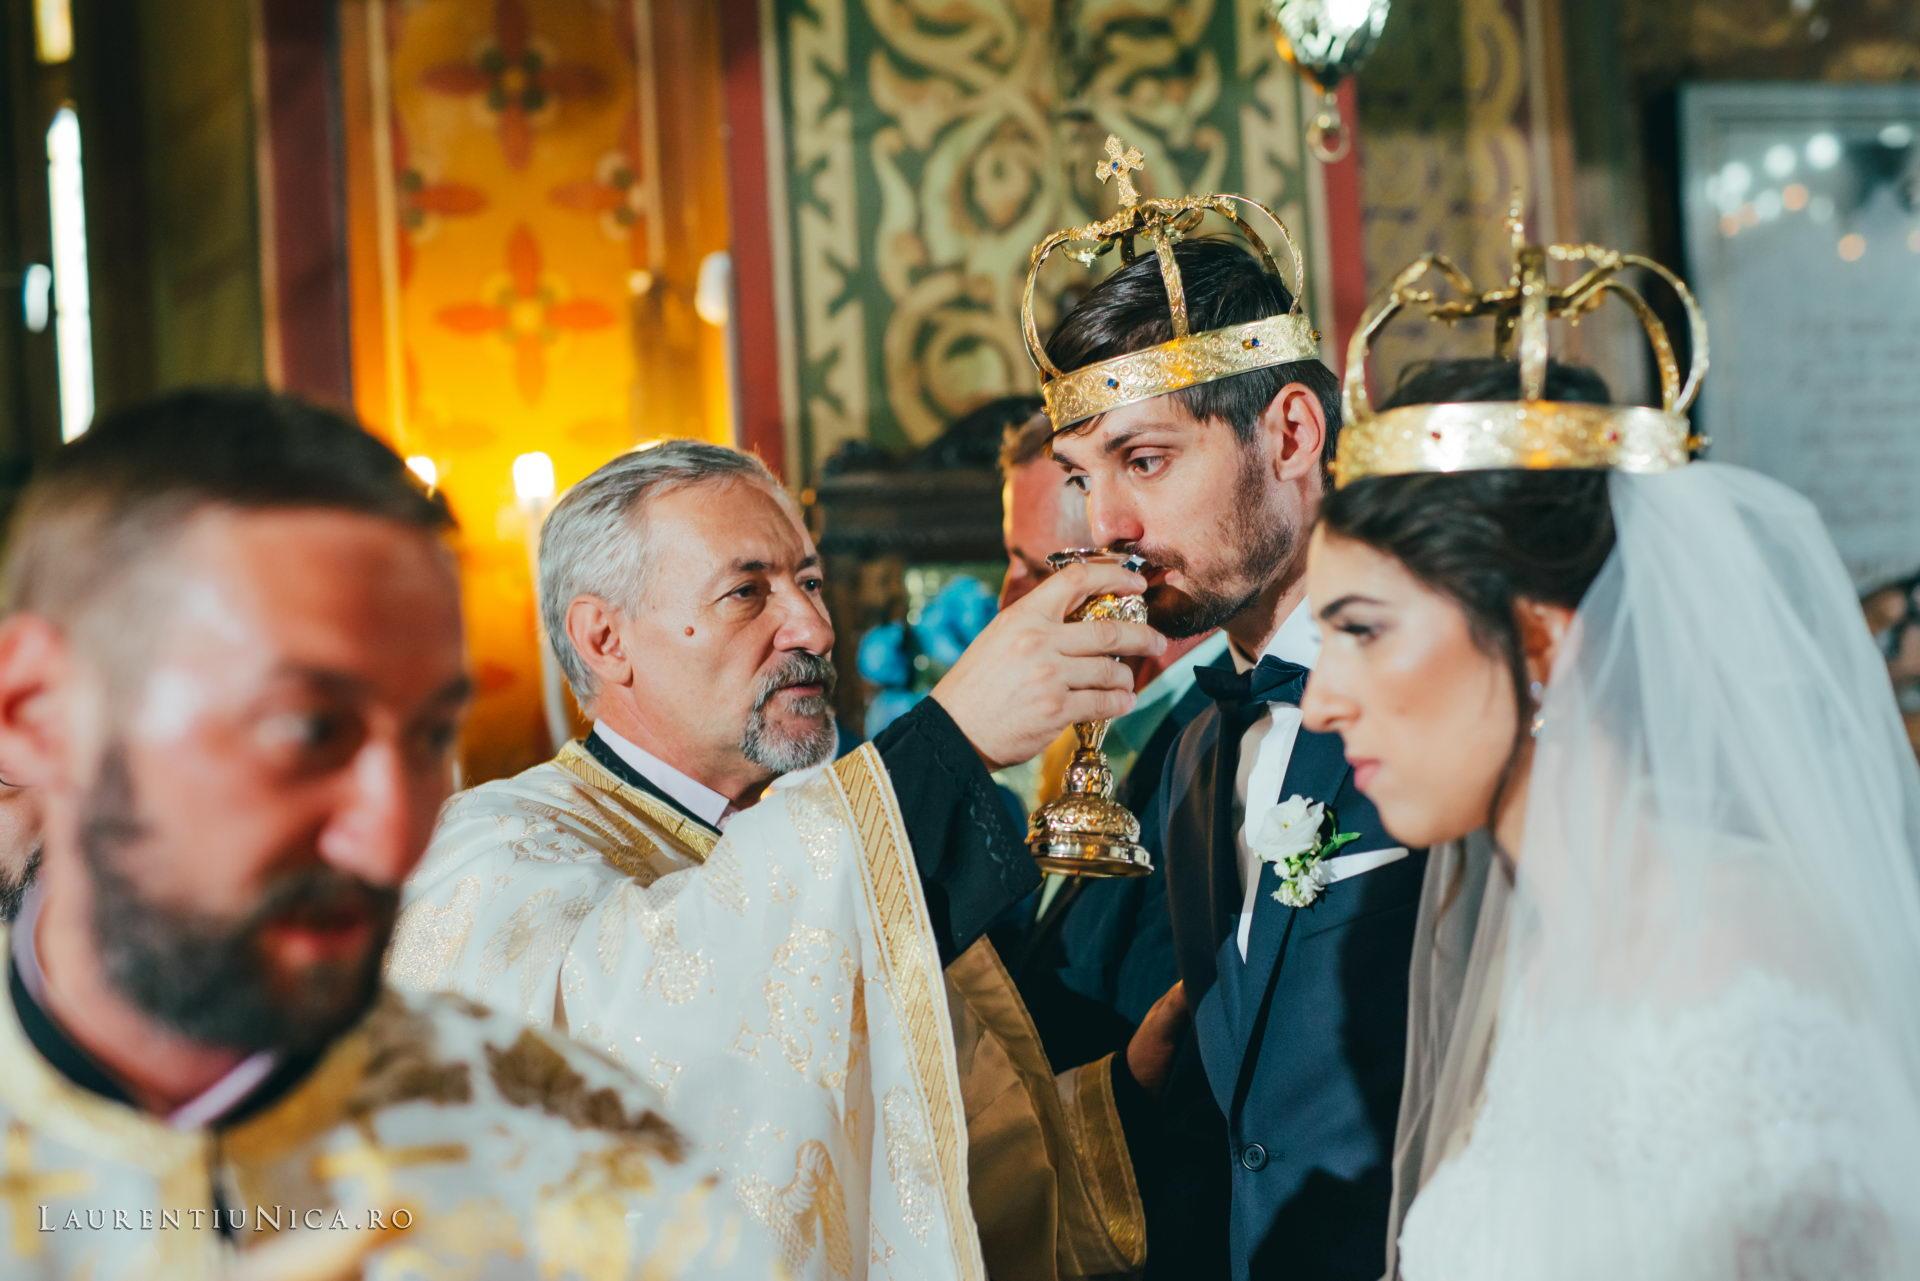 Cristina si Ovidiu nunta Craiova fotograf laurentiu nica 087 - Cristina & Ovidiu | Fotografii nunta | Craiova